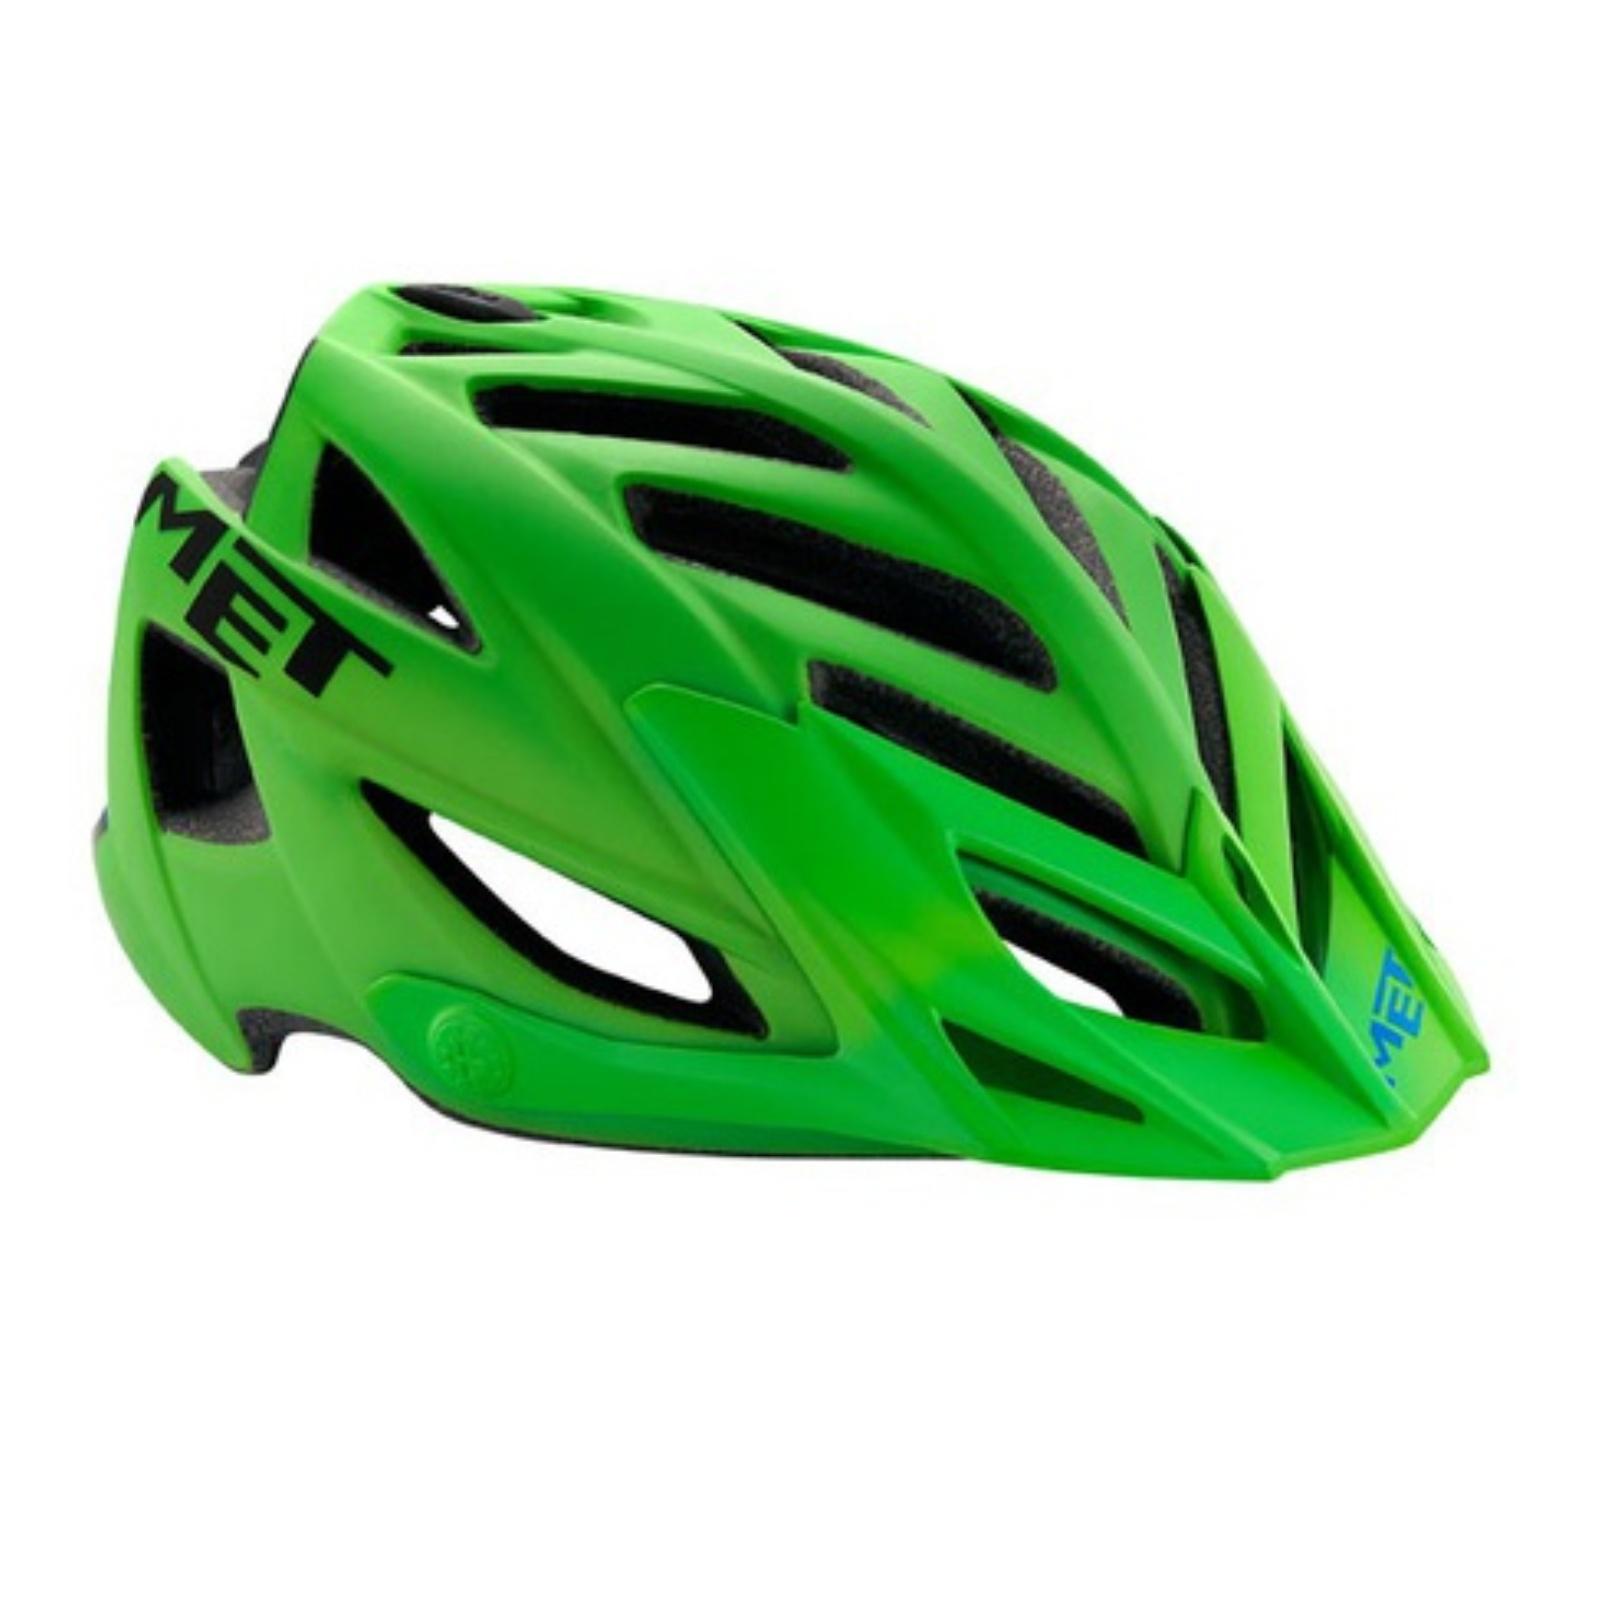 Cyklo přilba MET Terra 54-61 matná zelená-černá